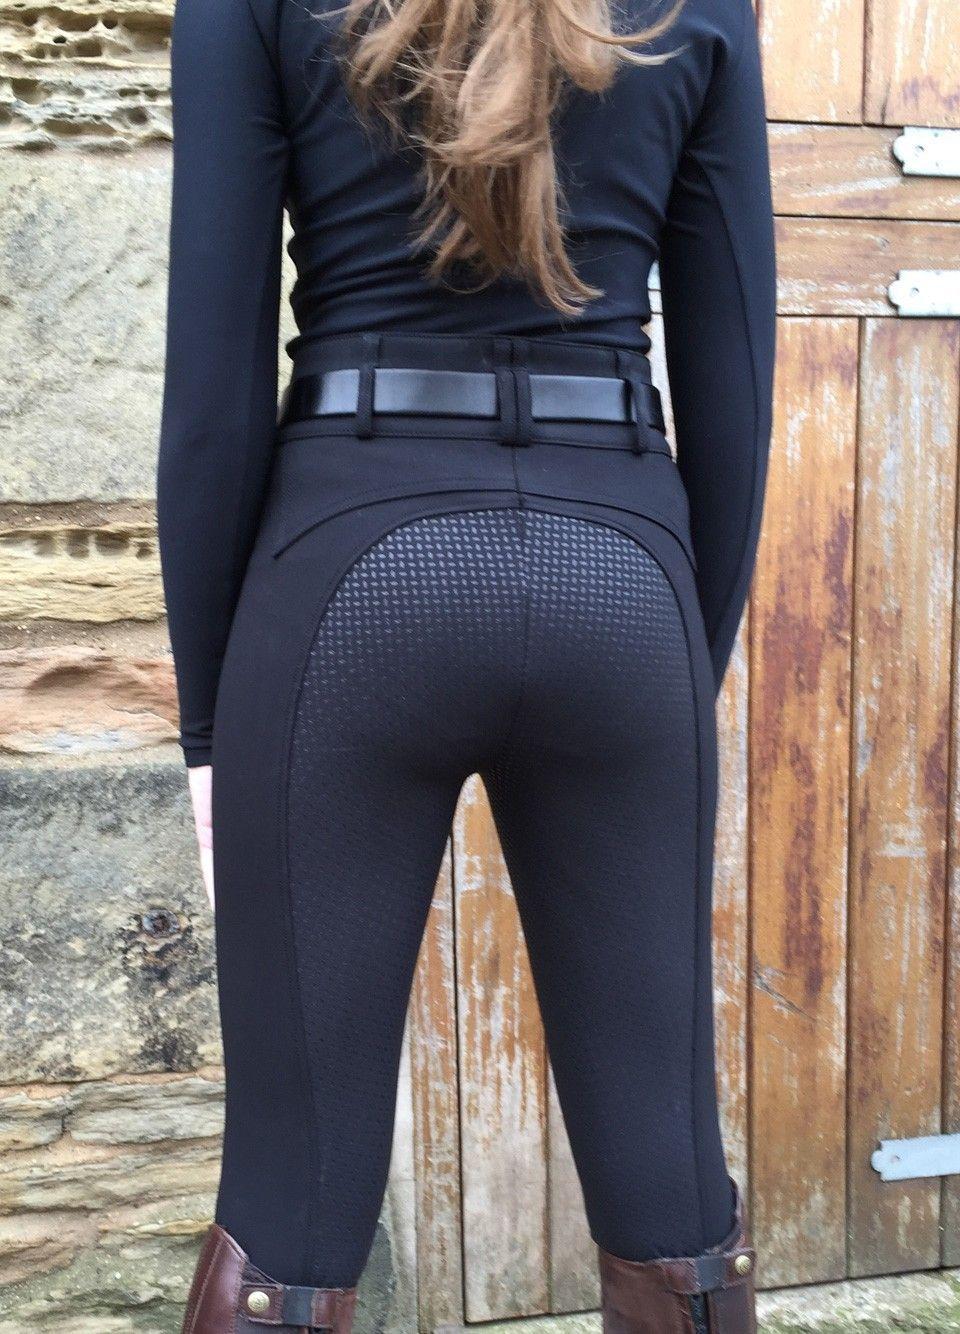 Pikeur Breeches Black Equestrian Fashion Pinterest